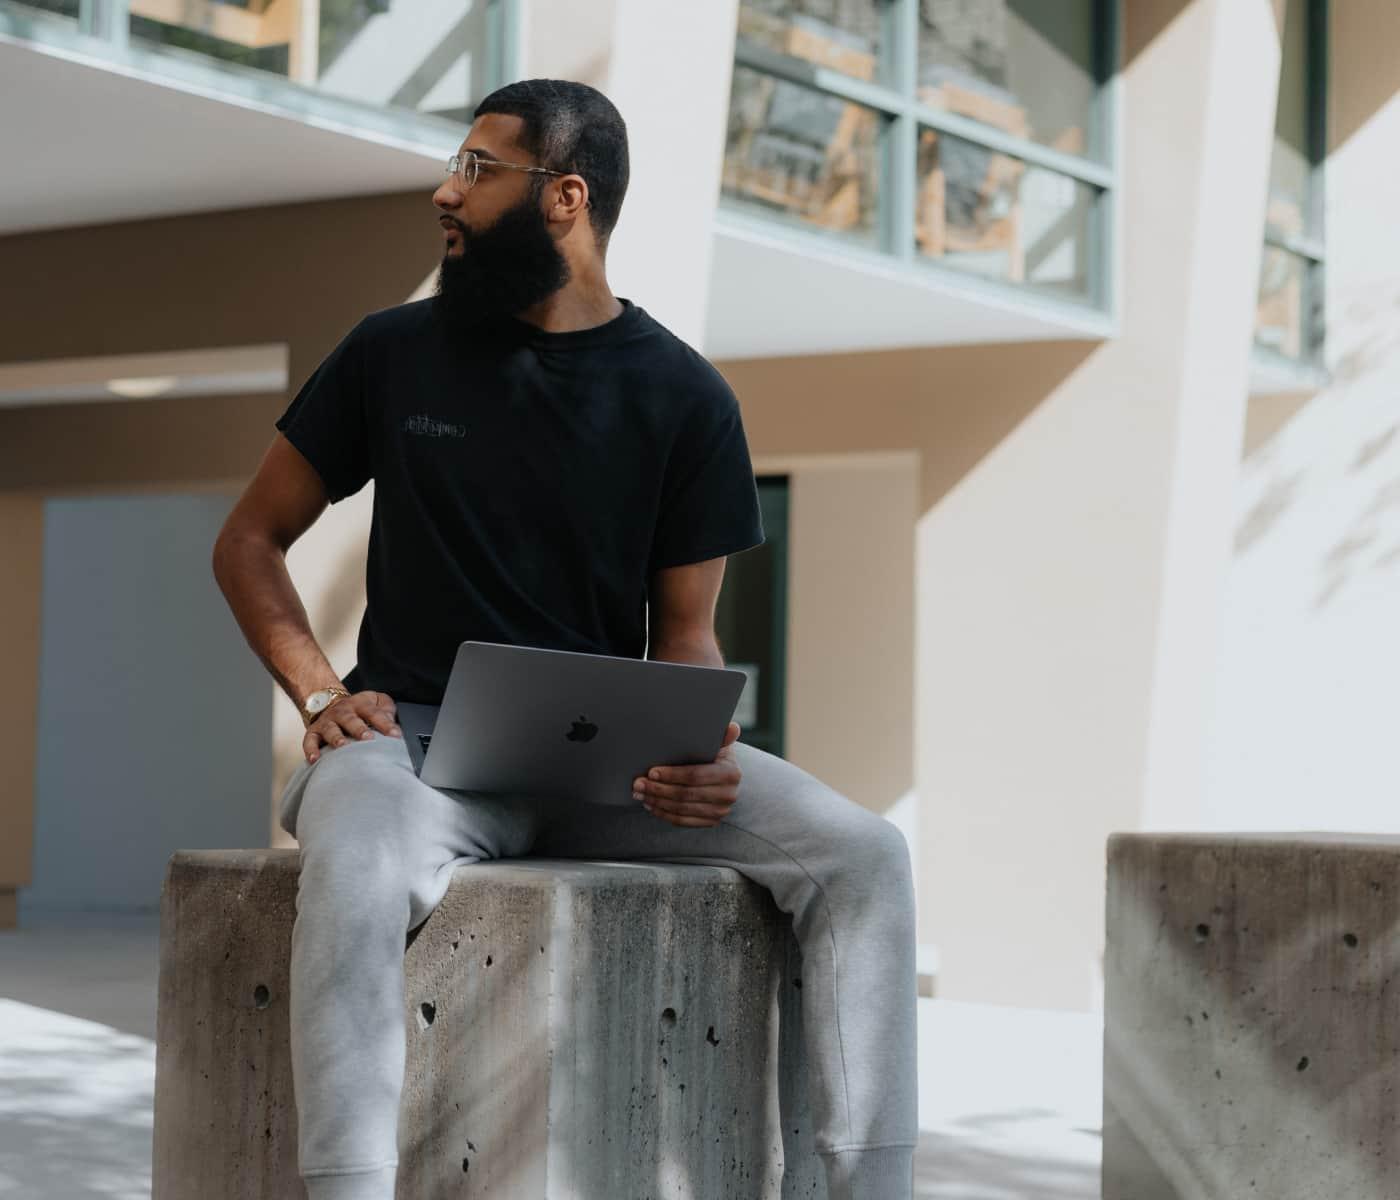 Bild von Mann mit Bart, der mit Laptop arbeitet